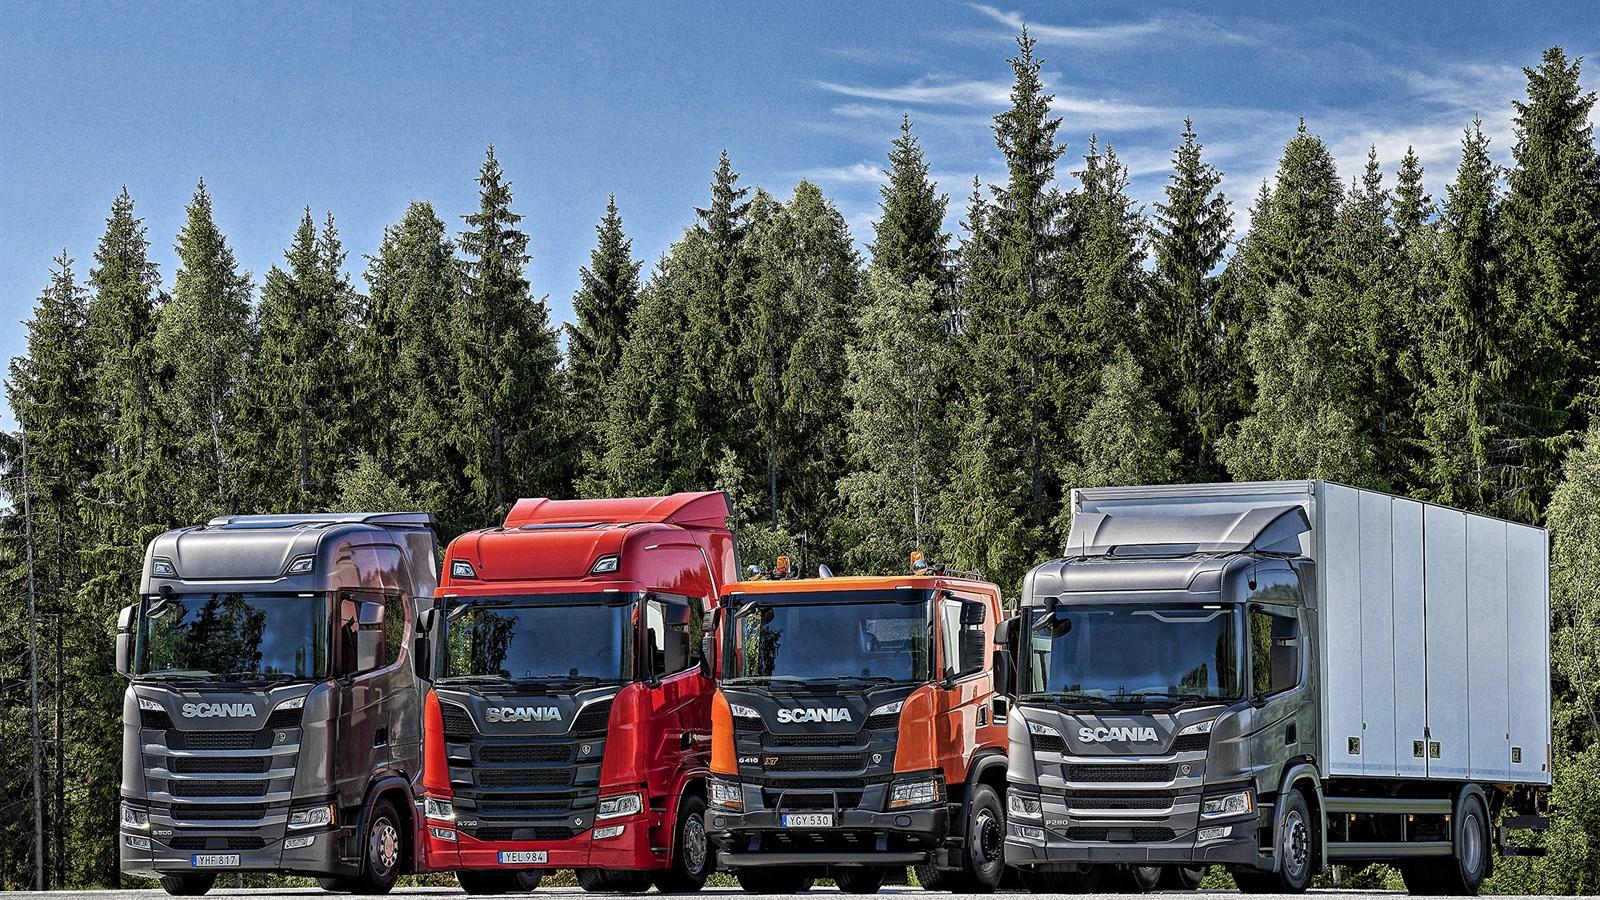 Scania truck range new s500 r730 g410